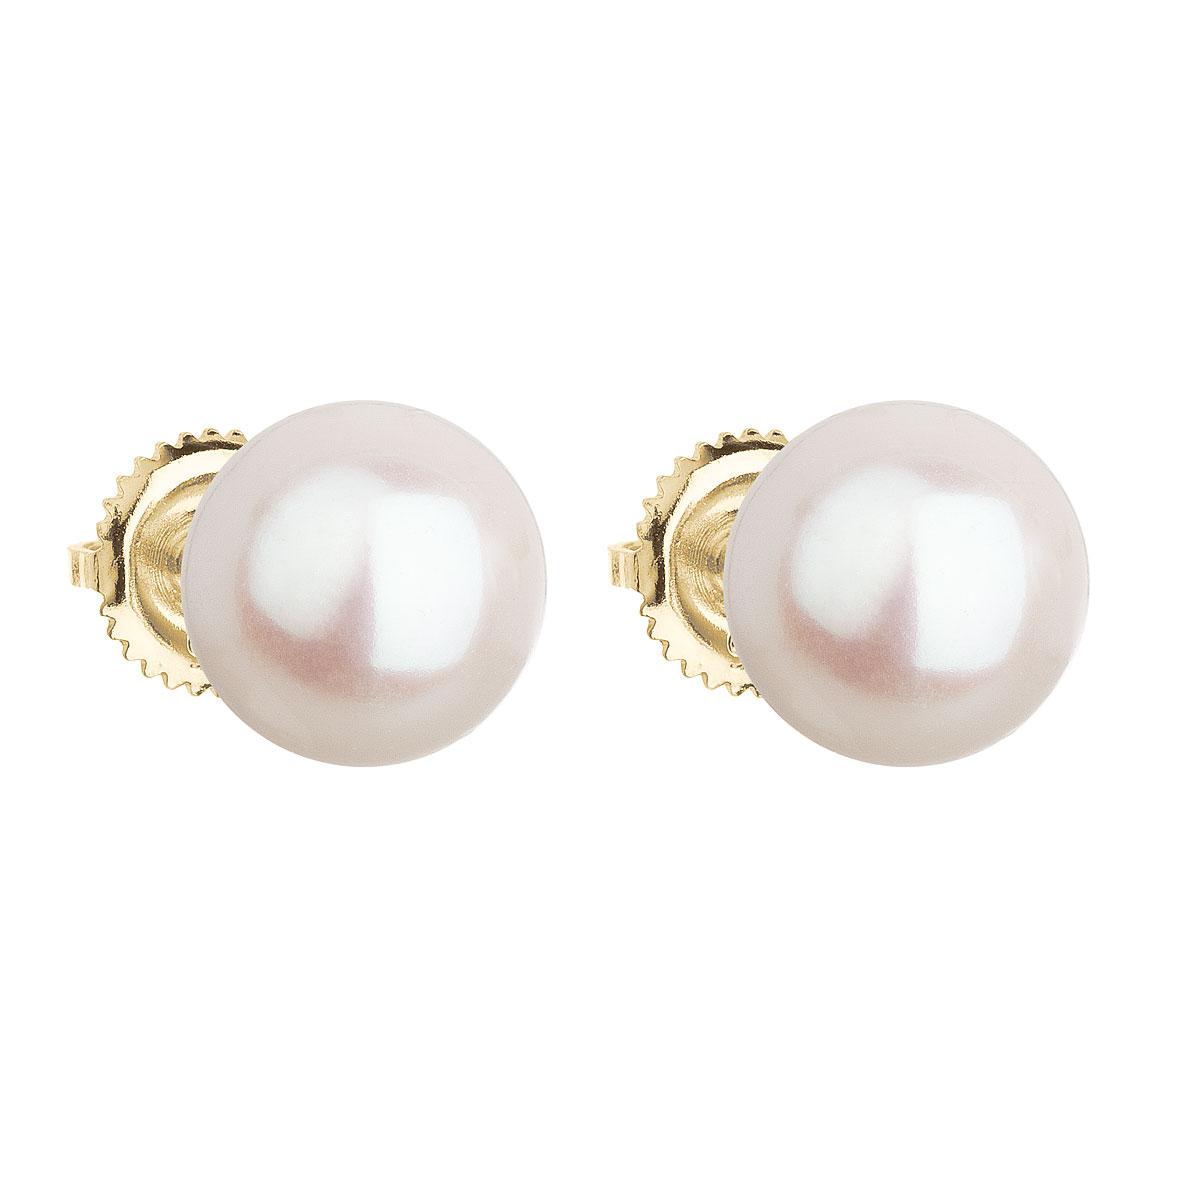 Zlaté 14 karátové náušnice kôstky s bielou riečnou perlou 921005.1